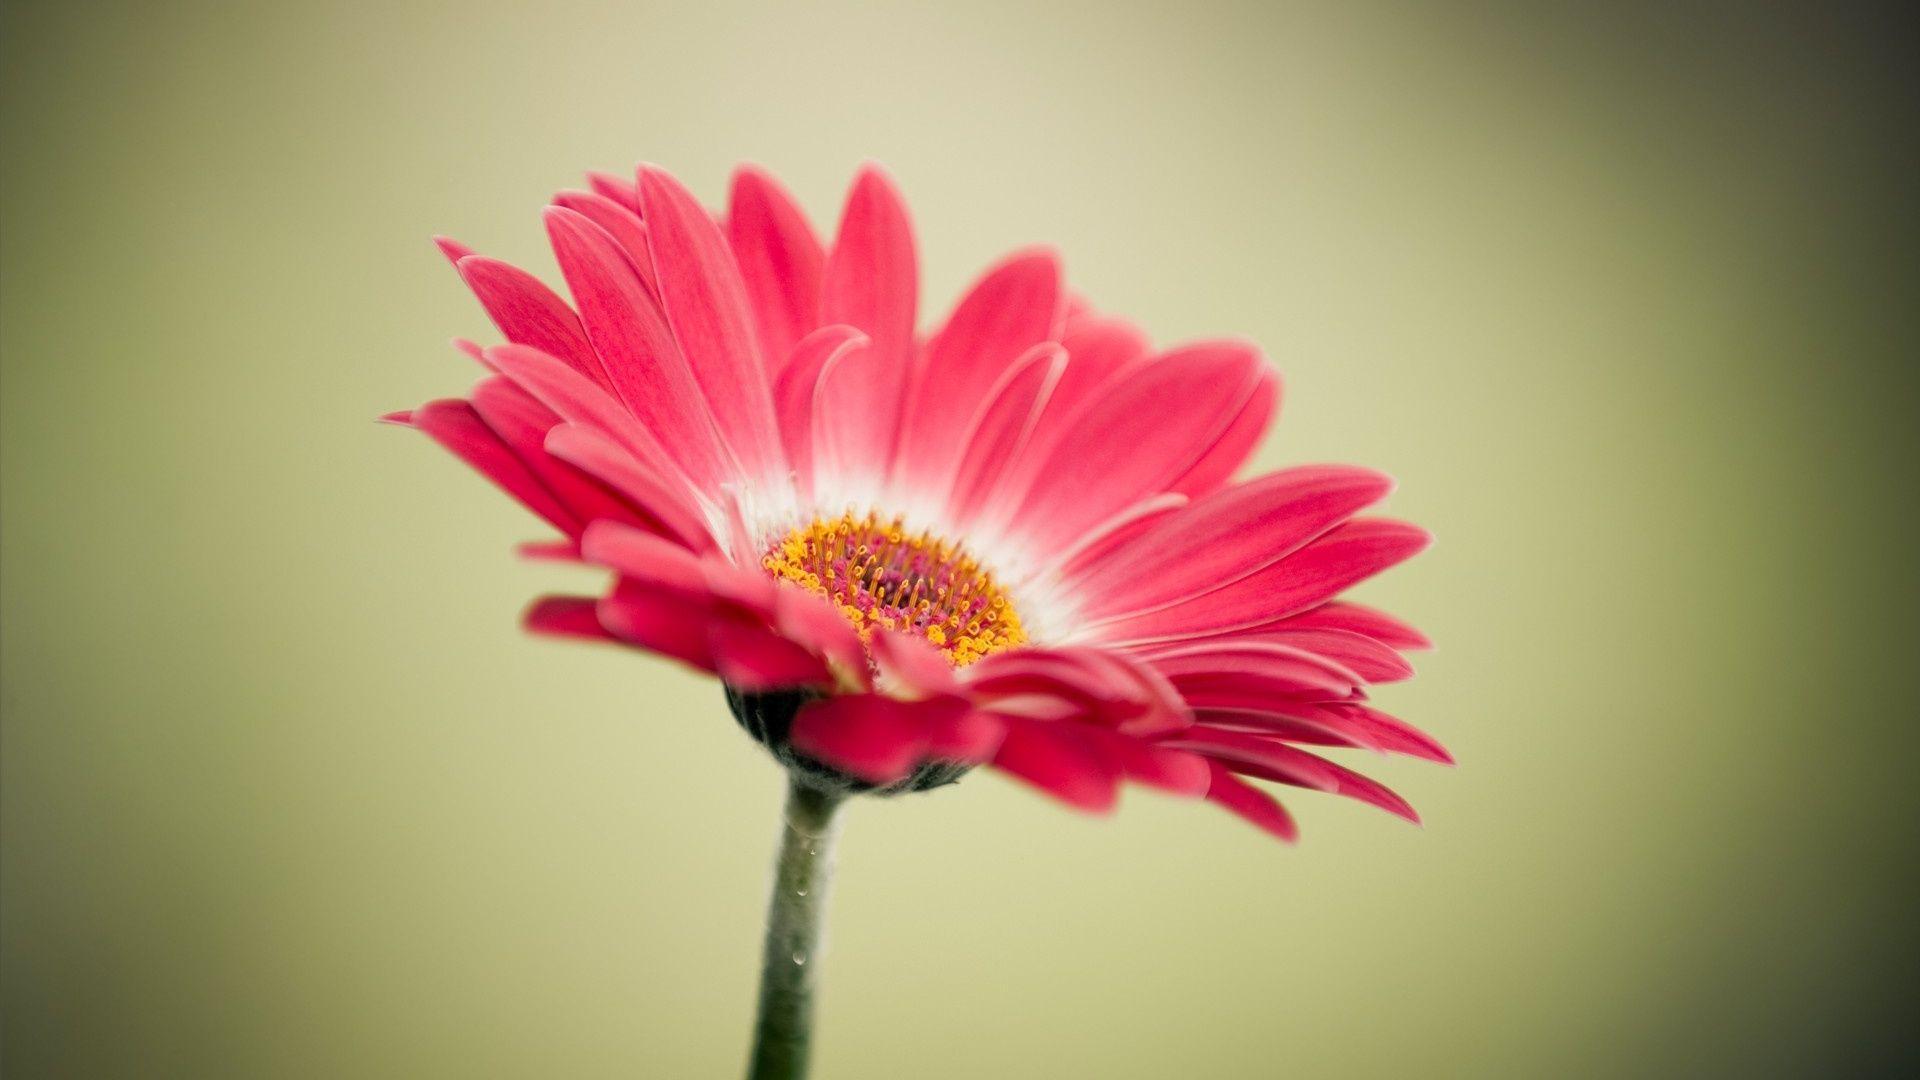 Hình ảnh hoa miễn phí 1920x1080, Tải xuống Clip nghệ thuật miễn phí, Clip nghệ thuật miễn phí trên Thư viện Clipart